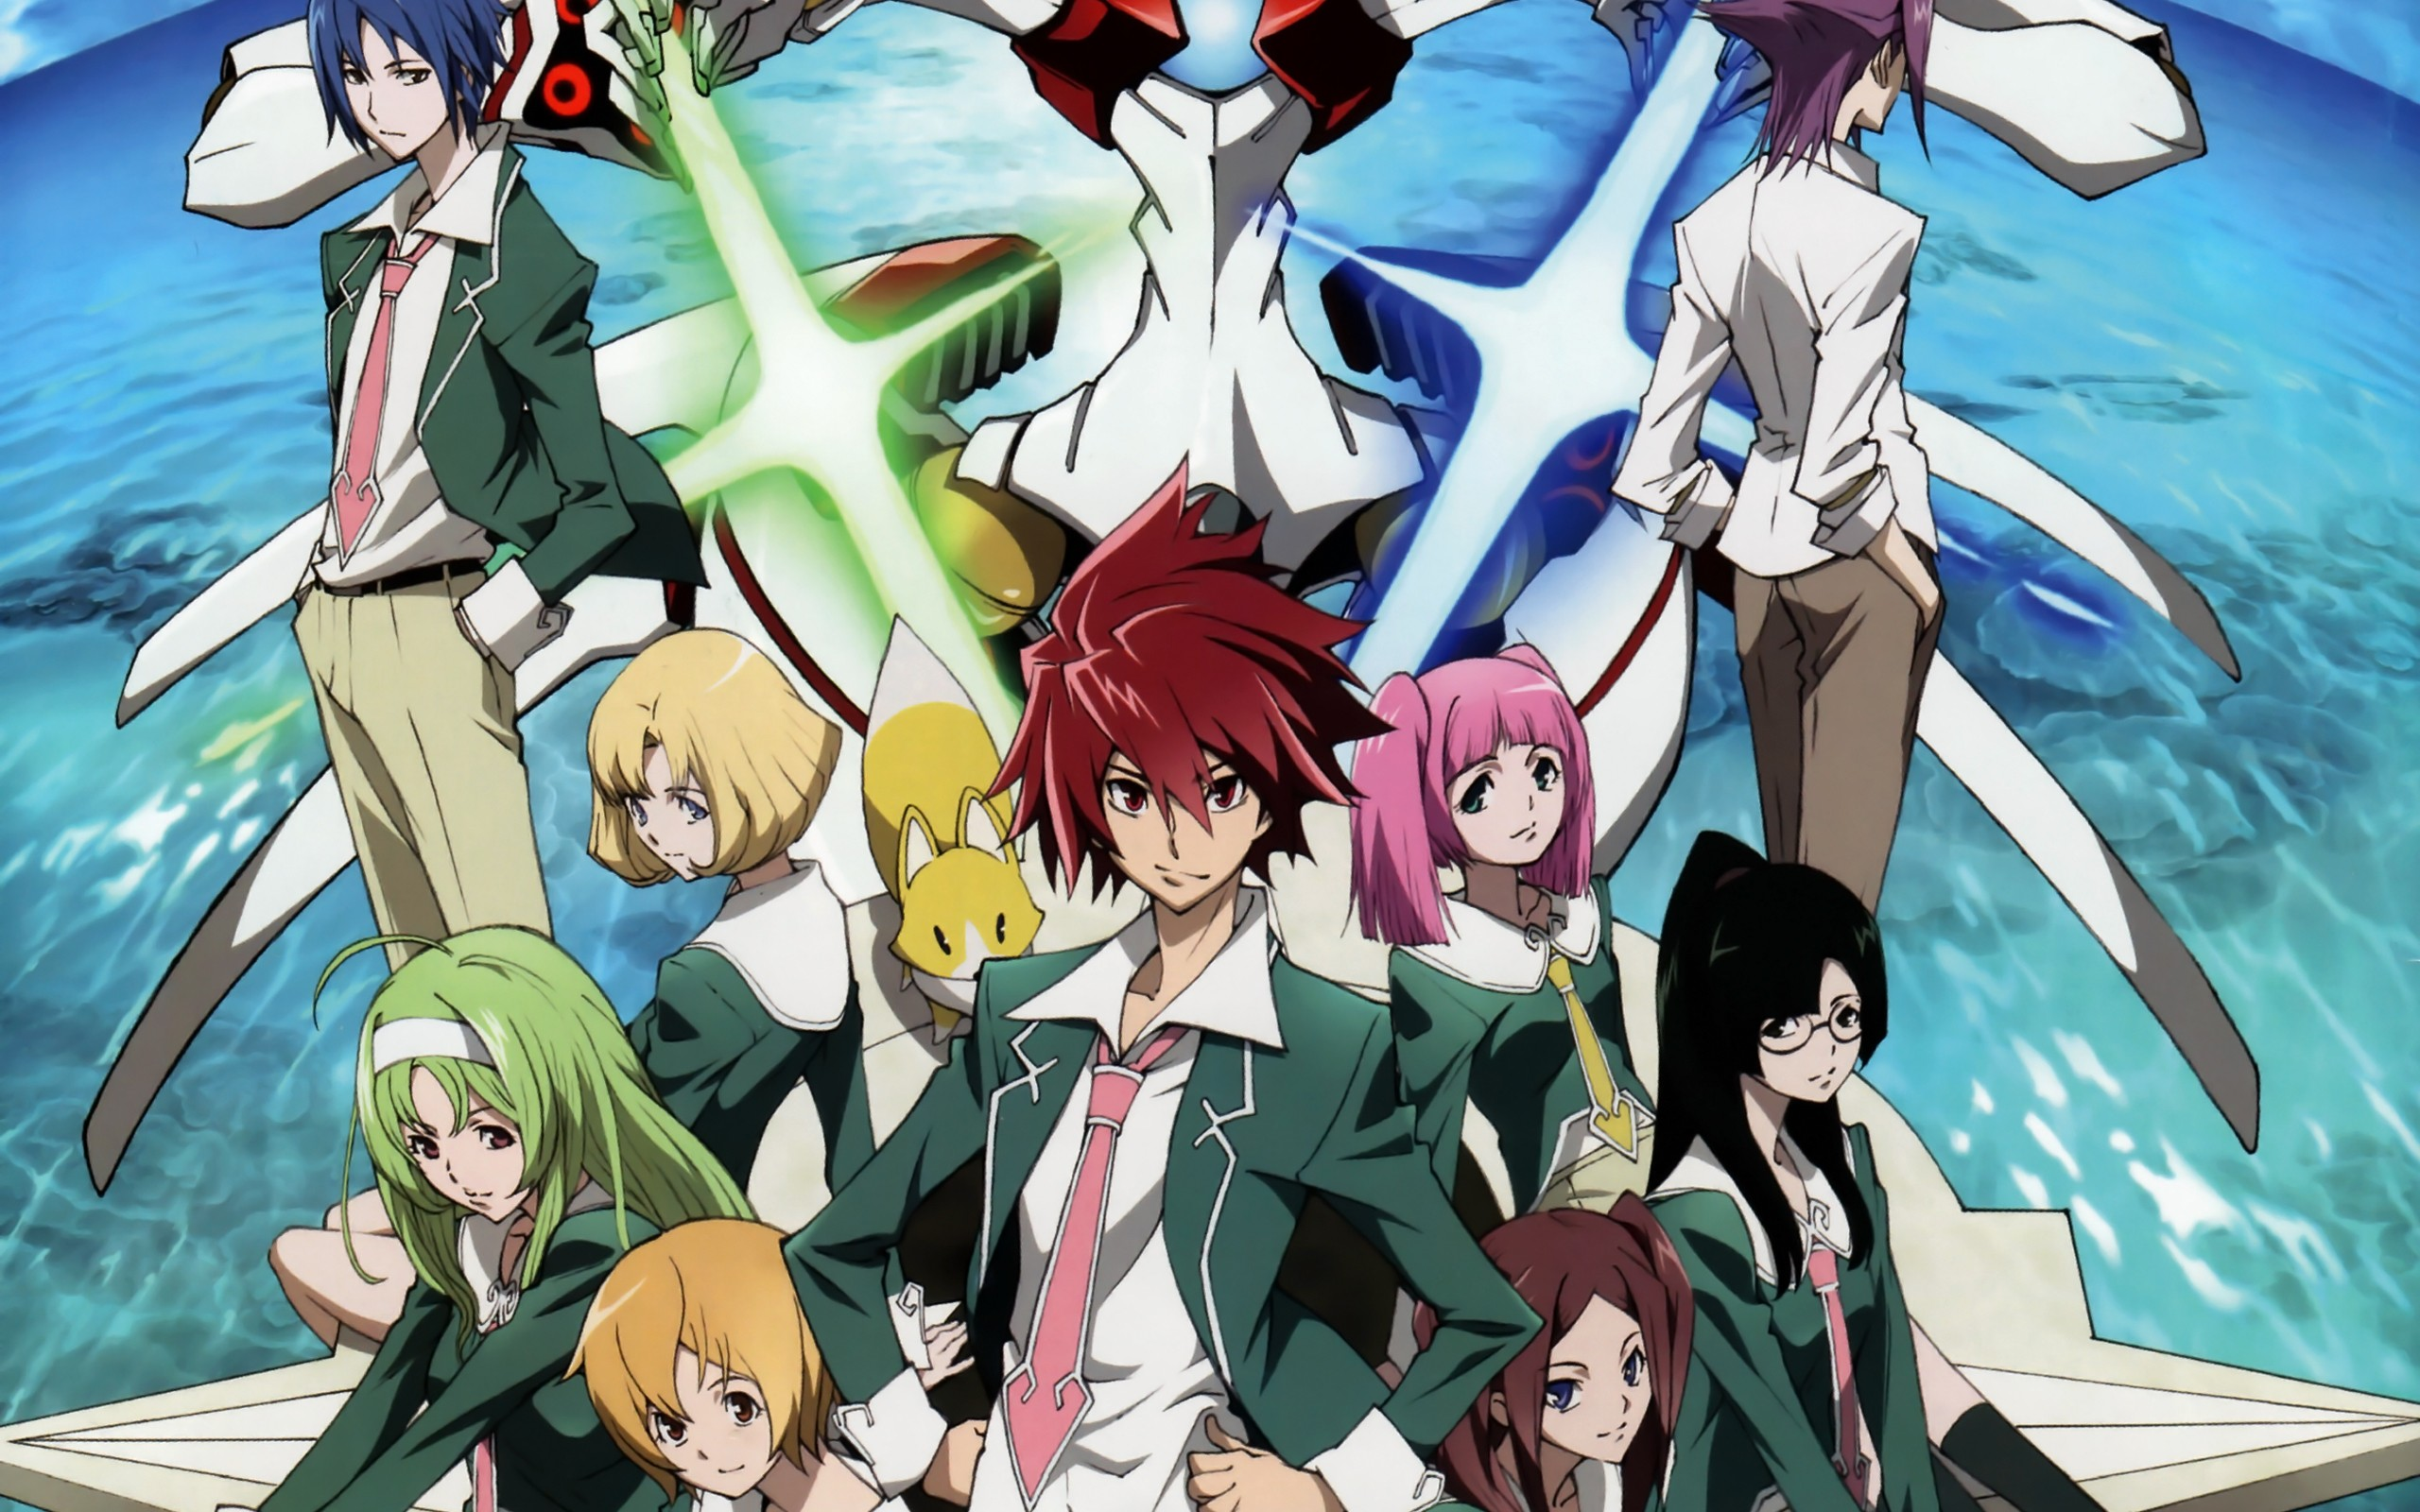 [JEU] Le nom de l'anime est... - Page 2 Star_driver